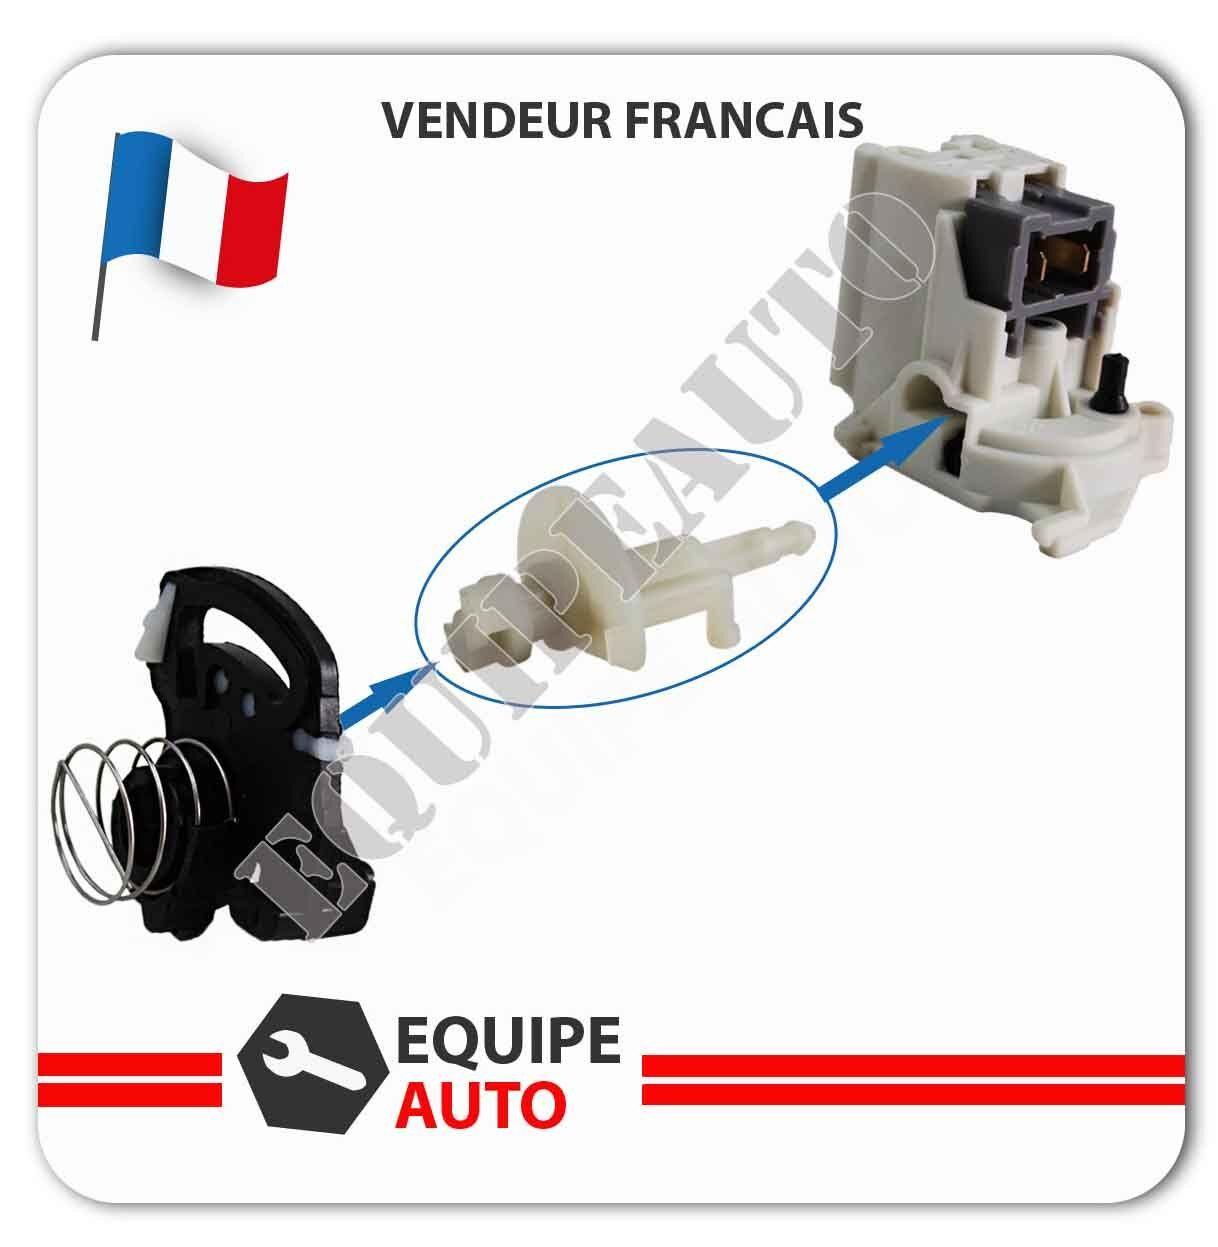 kit reparation axe de moteur pour centralisation de coffre clio 2 megane 1 eur 13 90 picclick fr. Black Bedroom Furniture Sets. Home Design Ideas